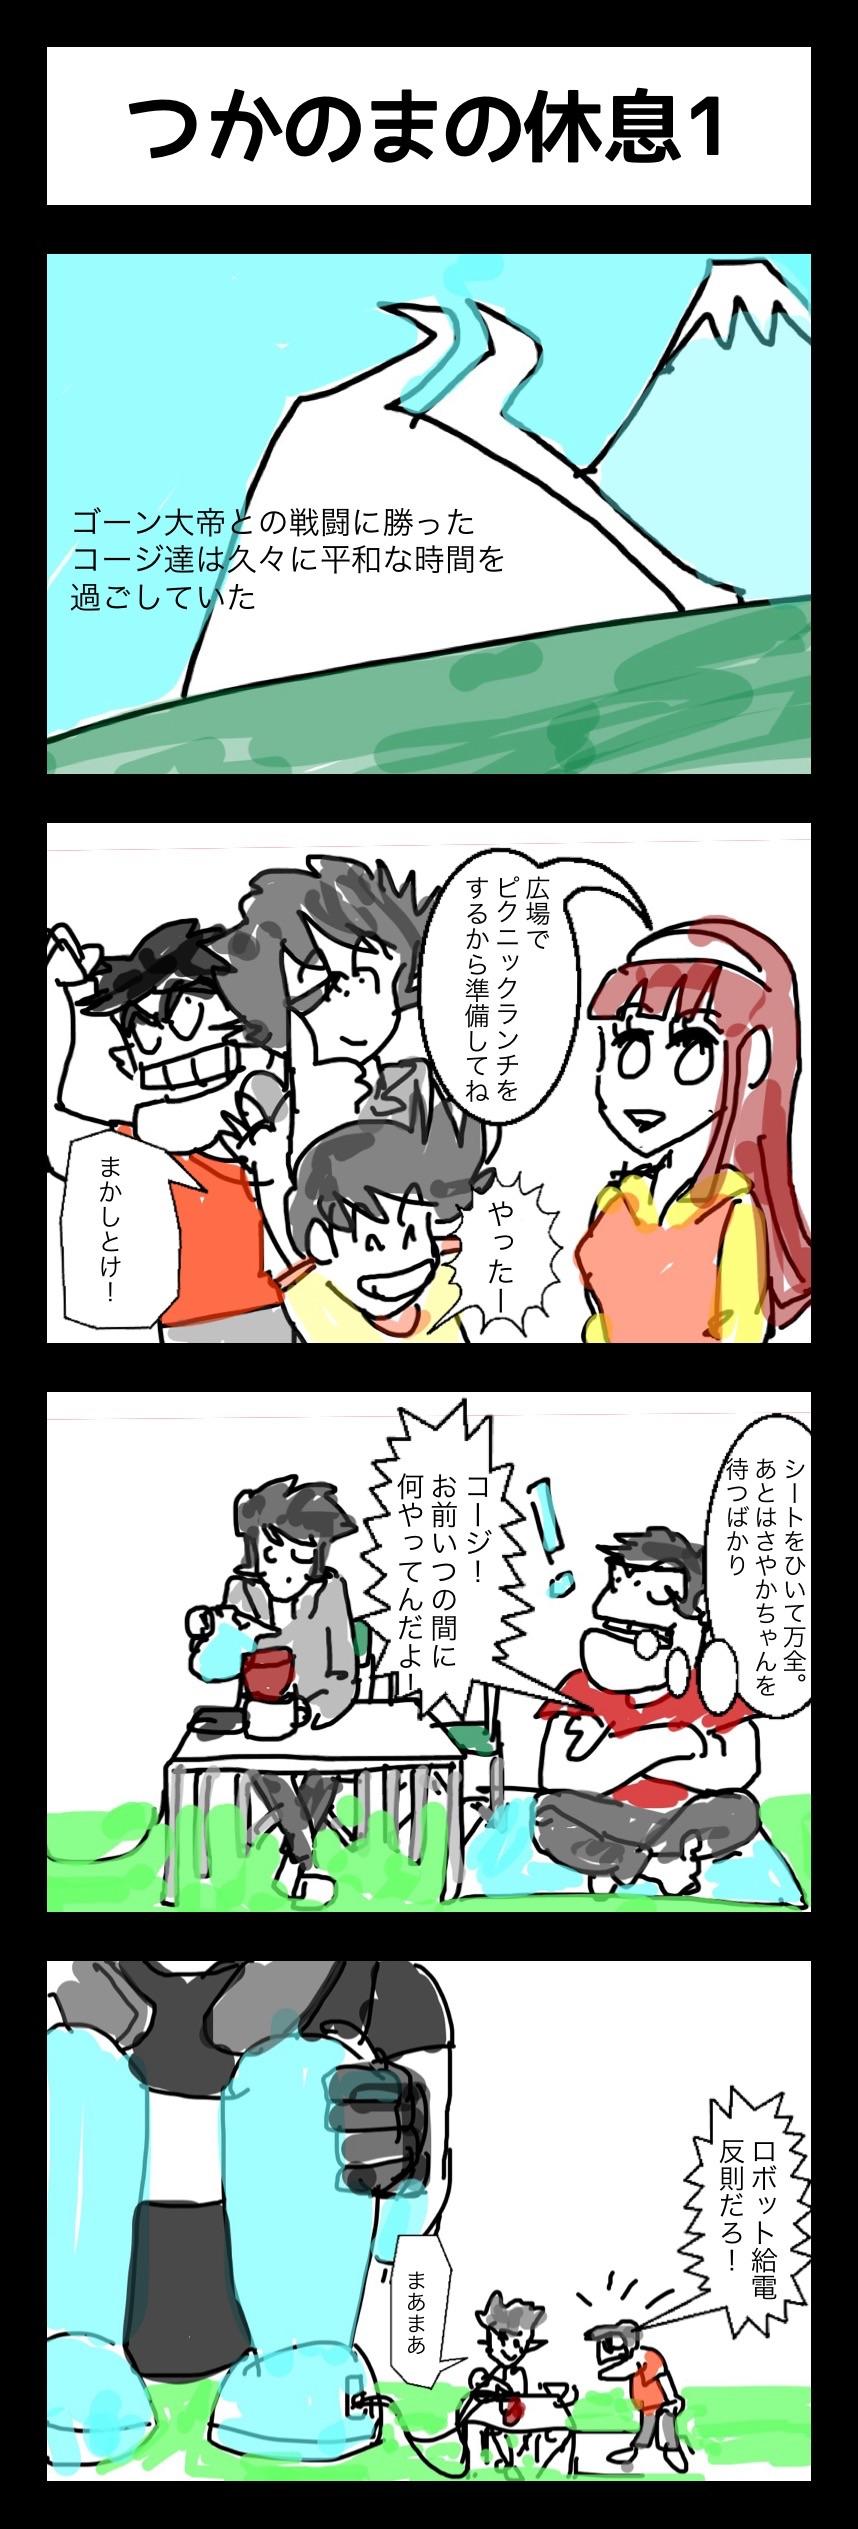 連載4コマ漫画 アトランダーV 29